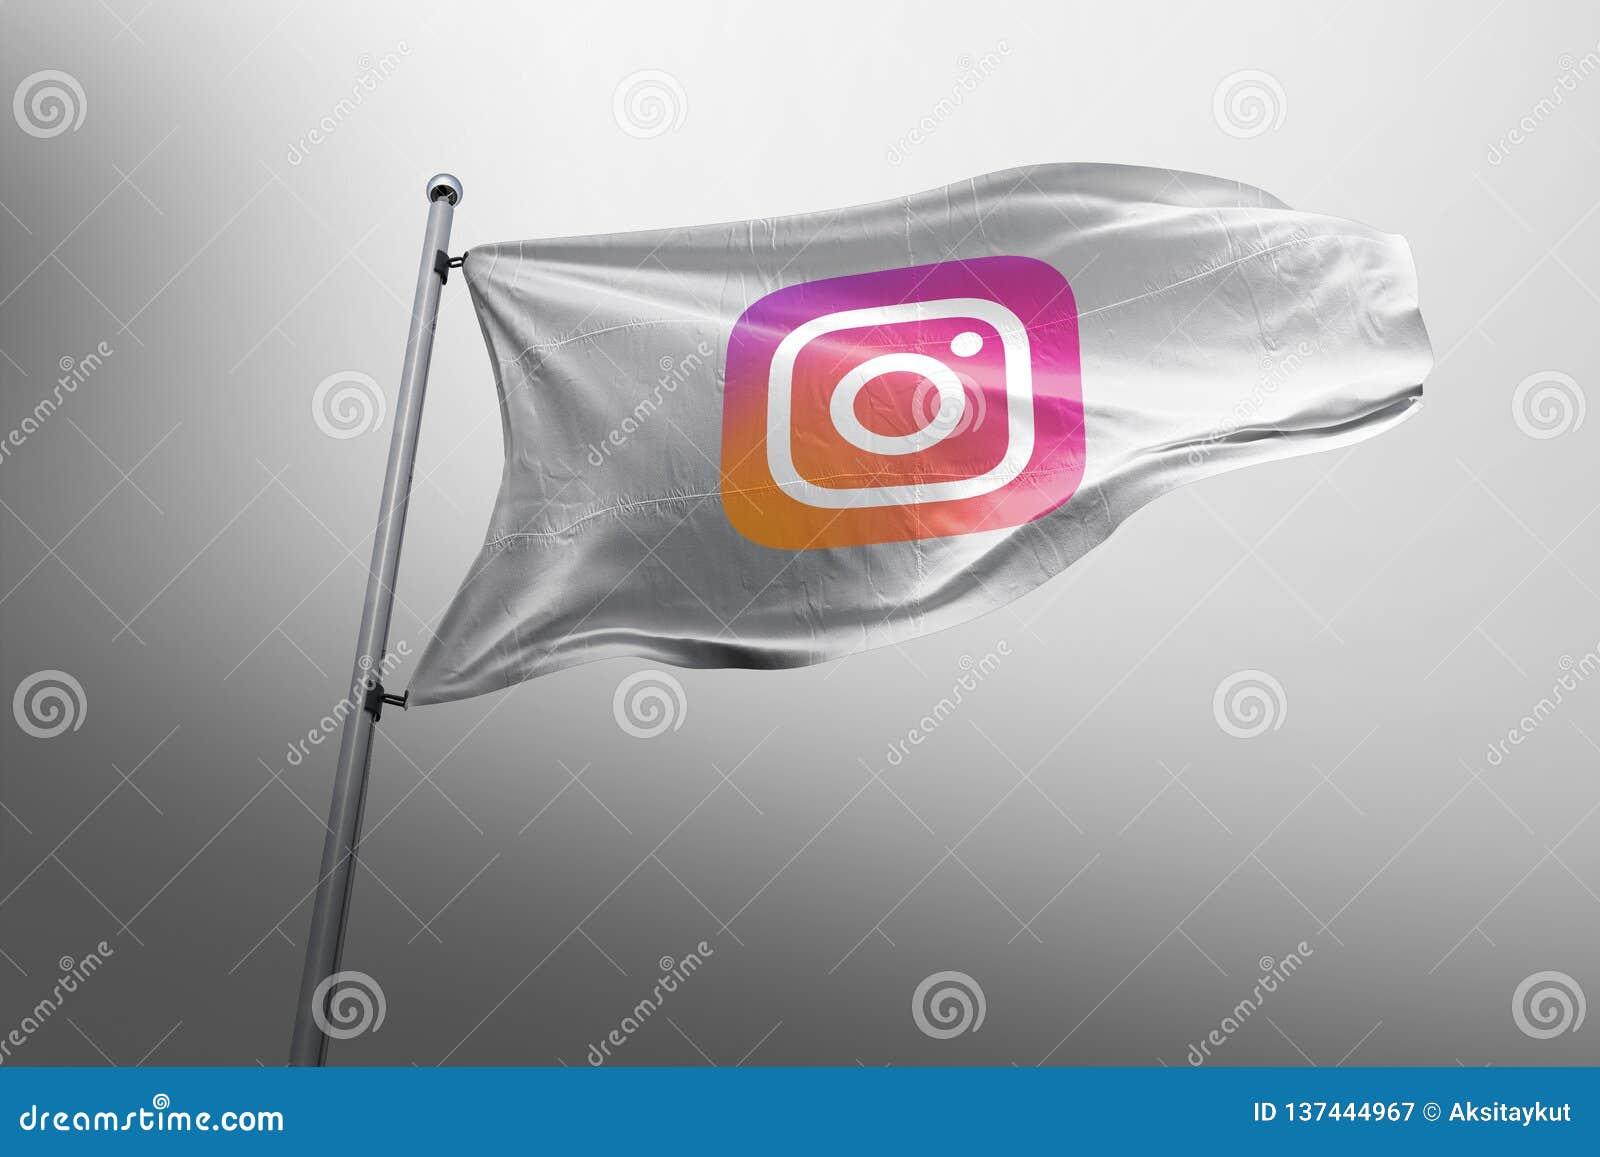 Instagram photorealistic flag editorial